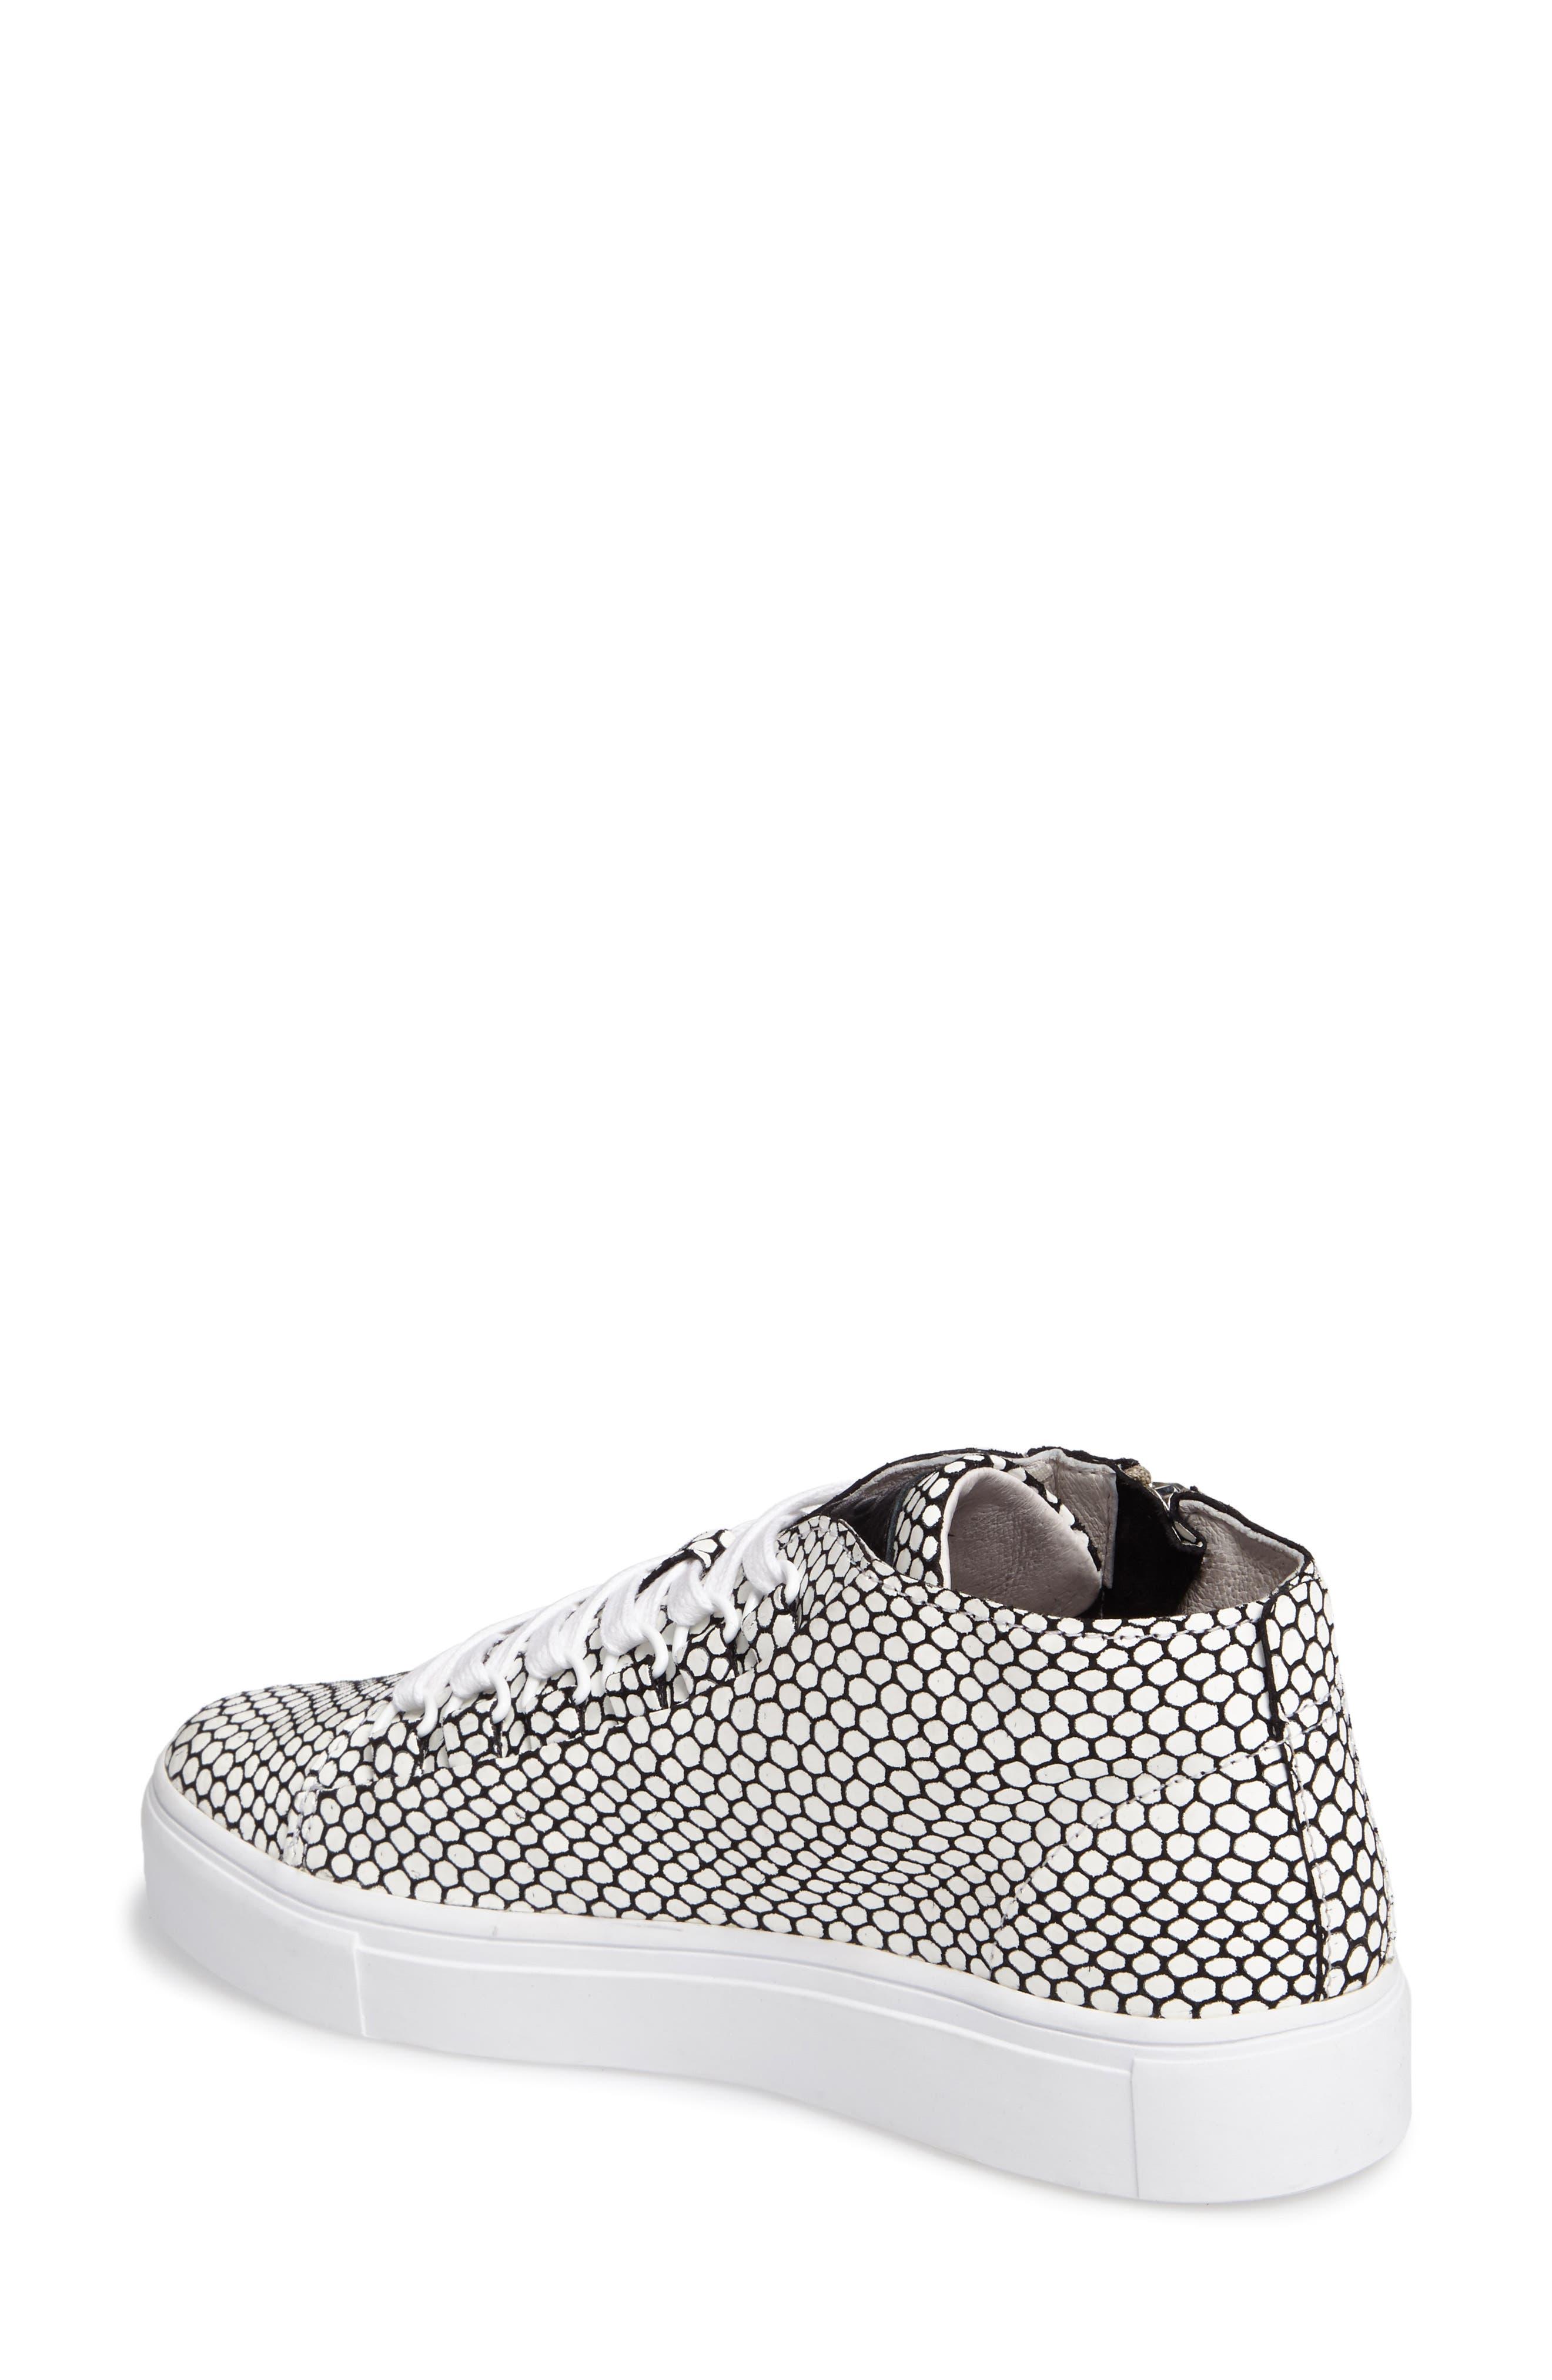 NL30 Midi Sneaker,                             Alternate thumbnail 2, color,                             WHITE HONEY LEATHER